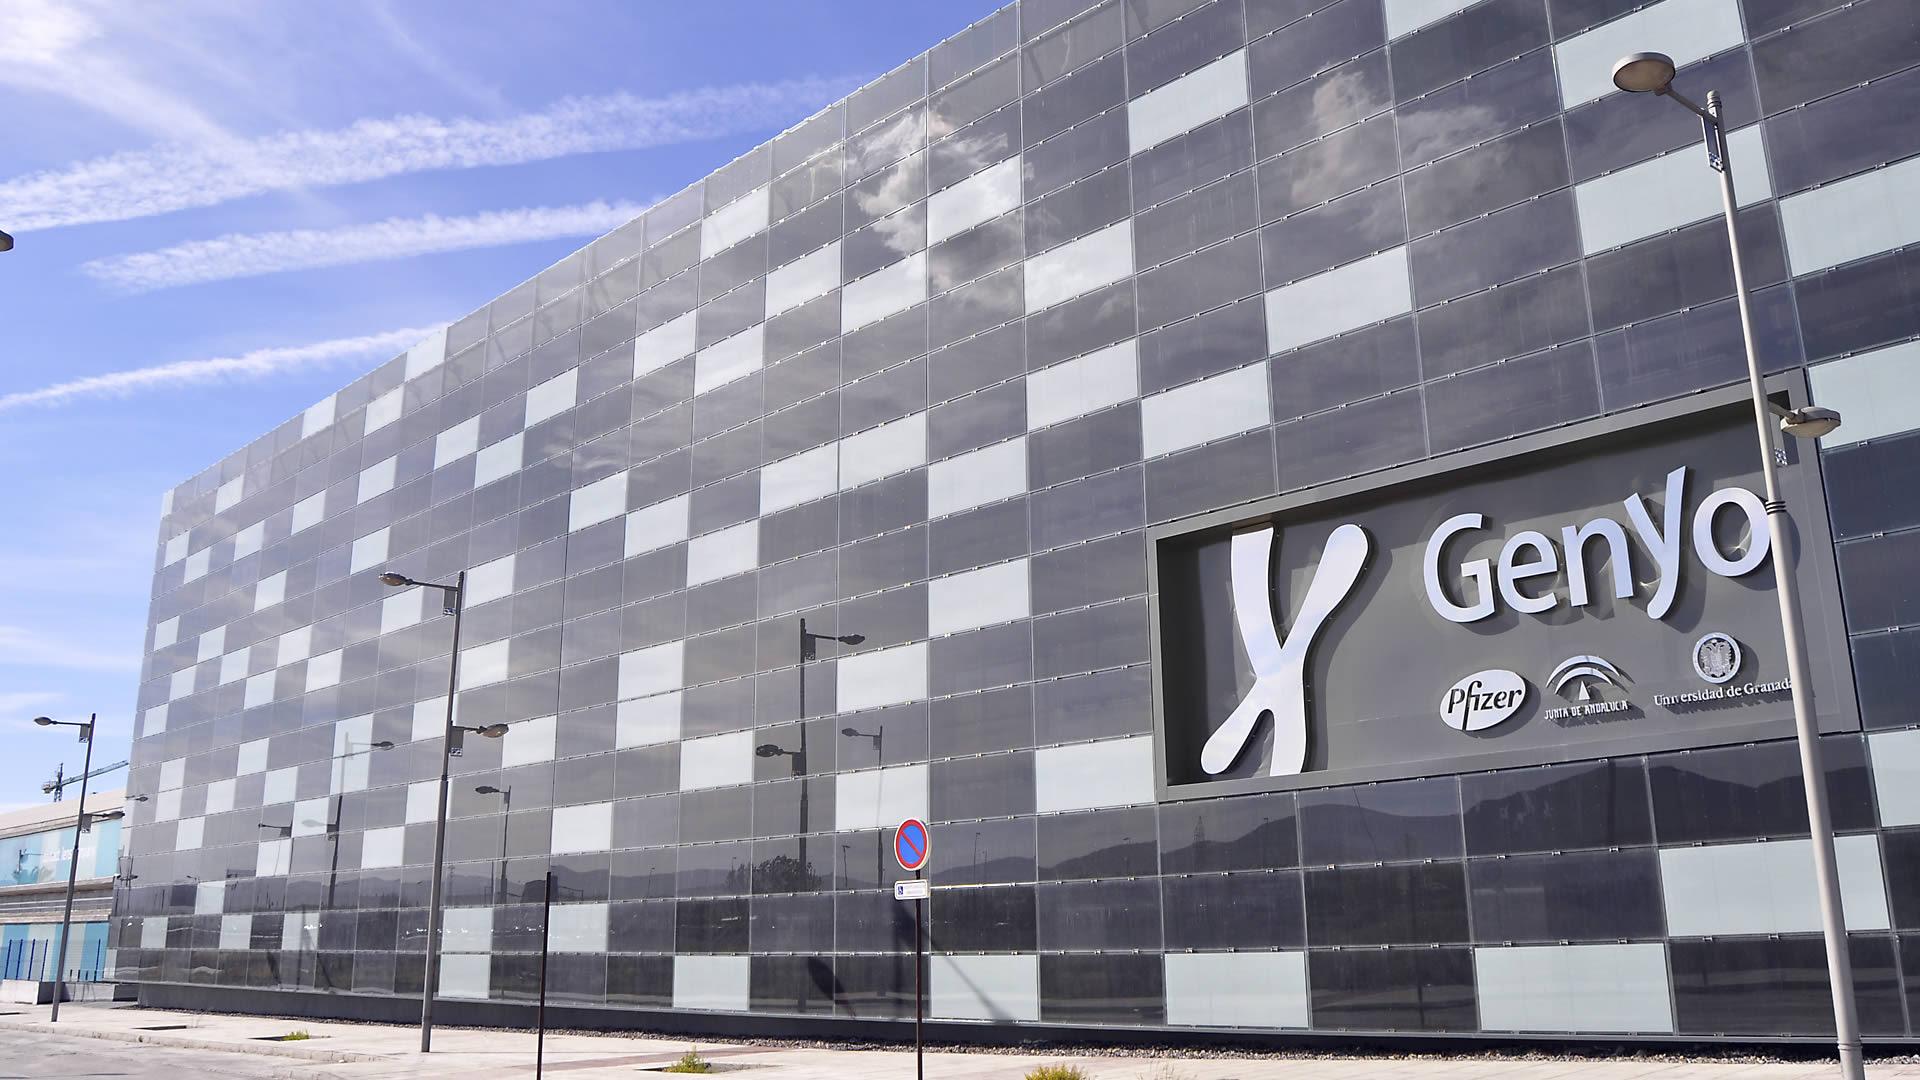 El Centro GENYO organiza las VII Jornadas de Medicina Genómica y Oncología